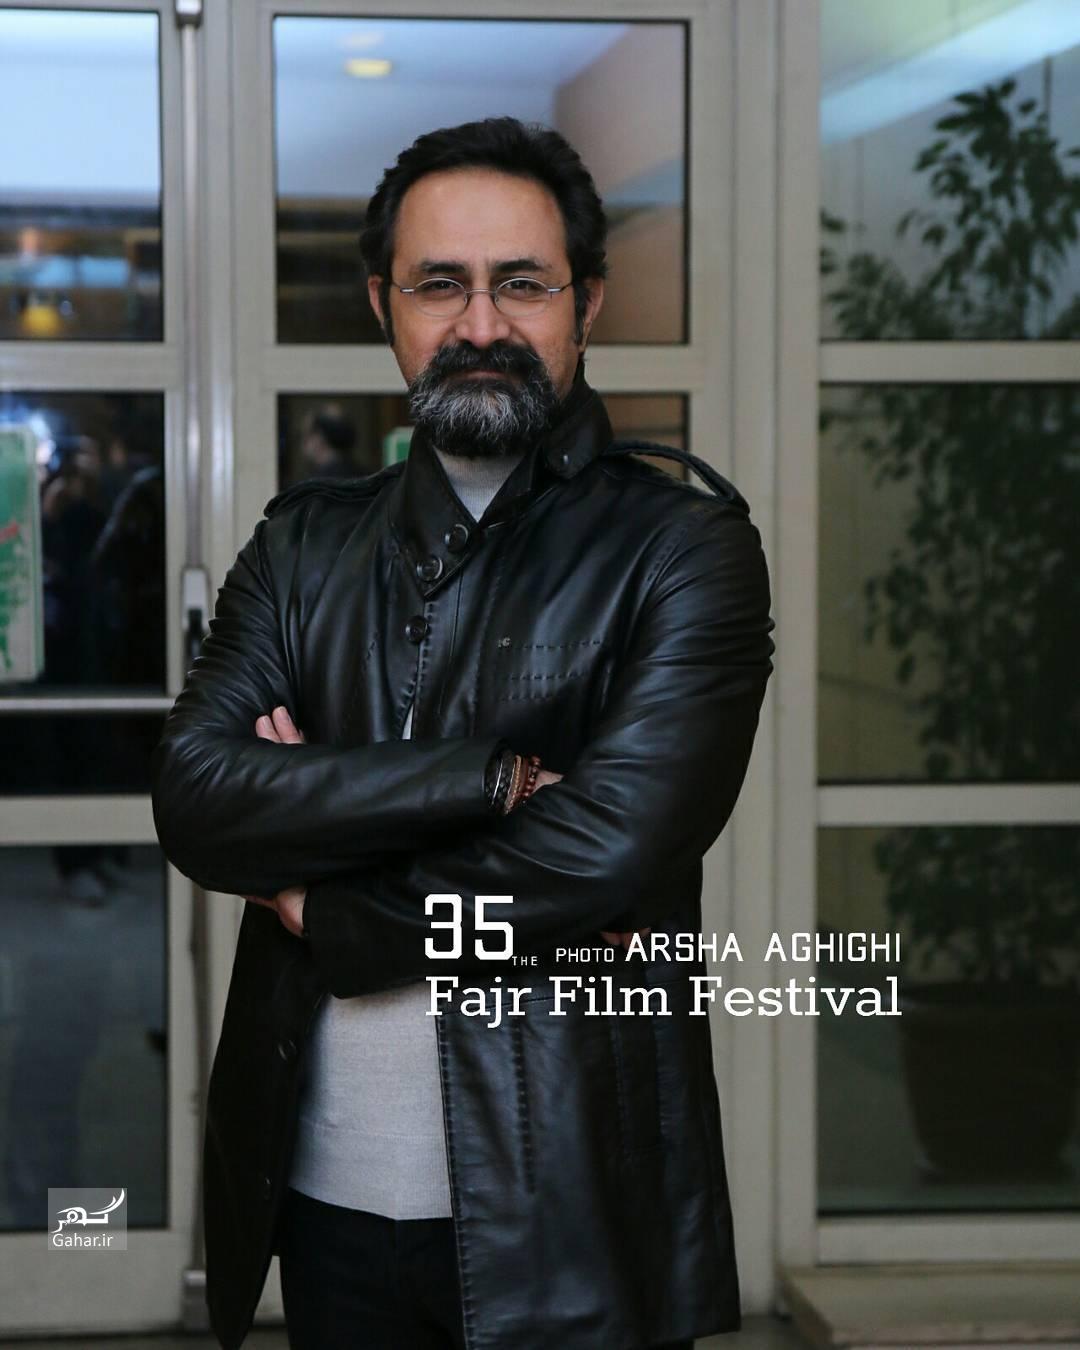 1486768583 برگزیدگان سی و پنجمین جشنواره فیلم فجر ؛ عکس